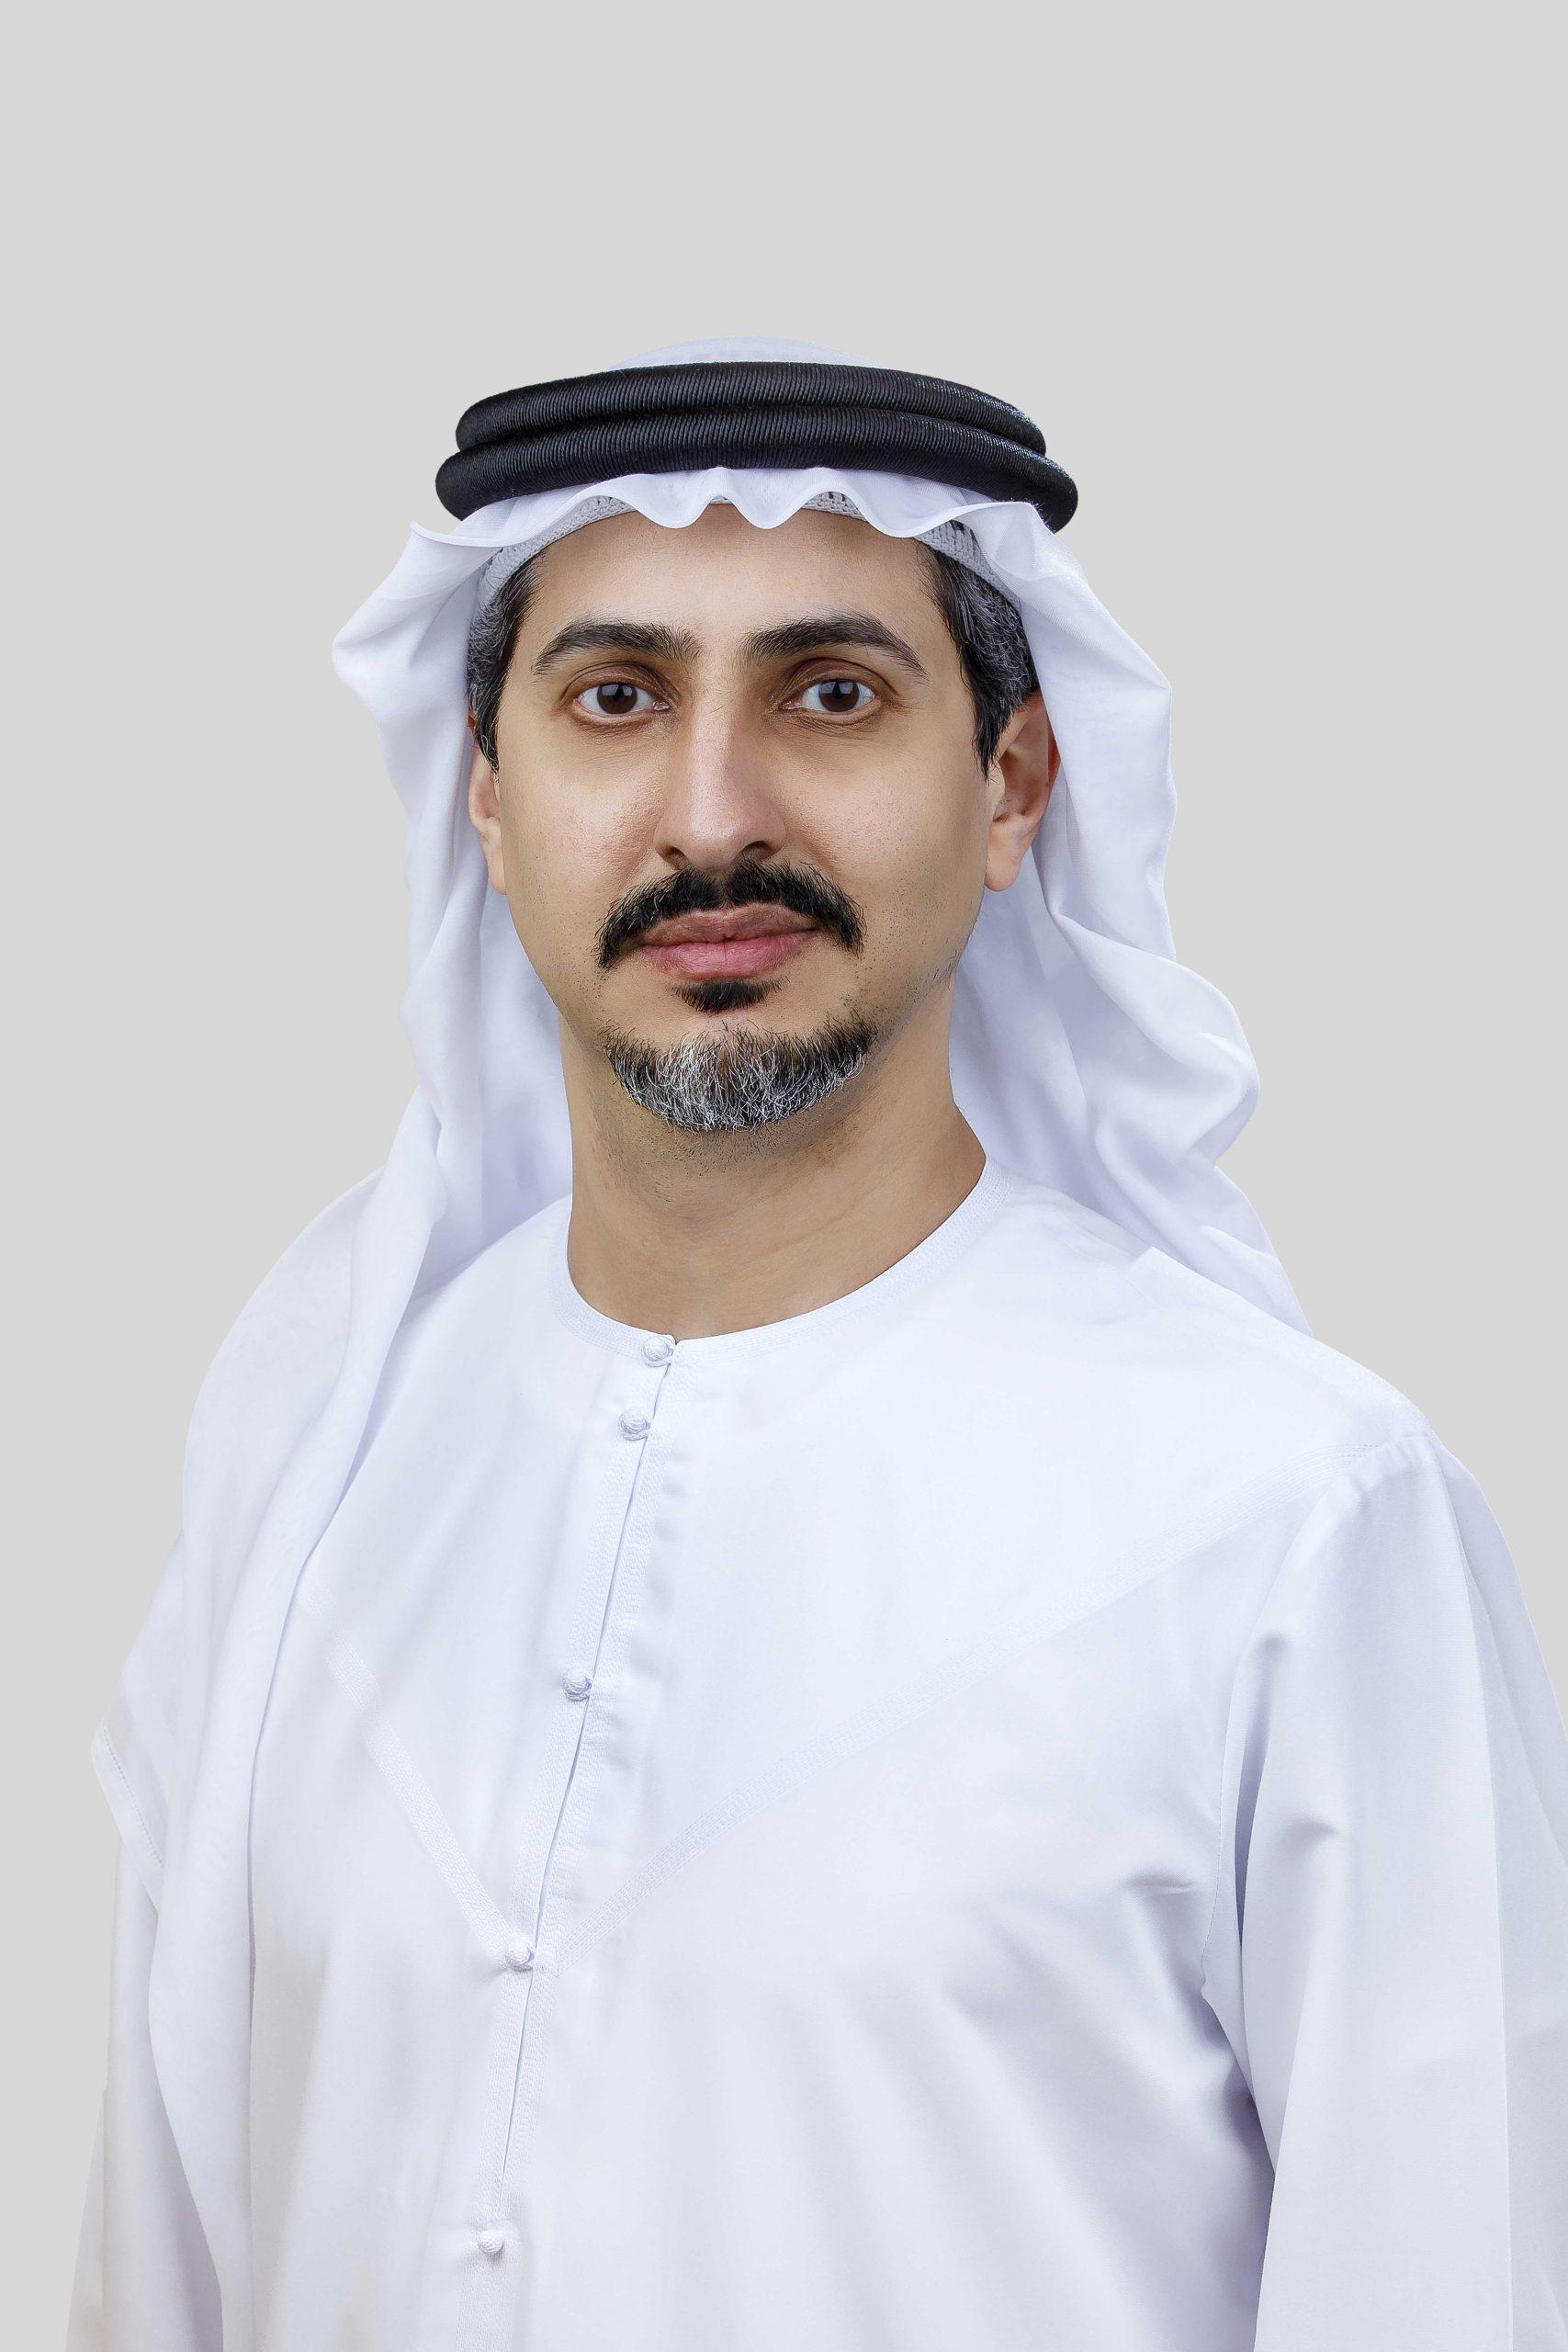 Dr. Saif Khalifa Al Shaali